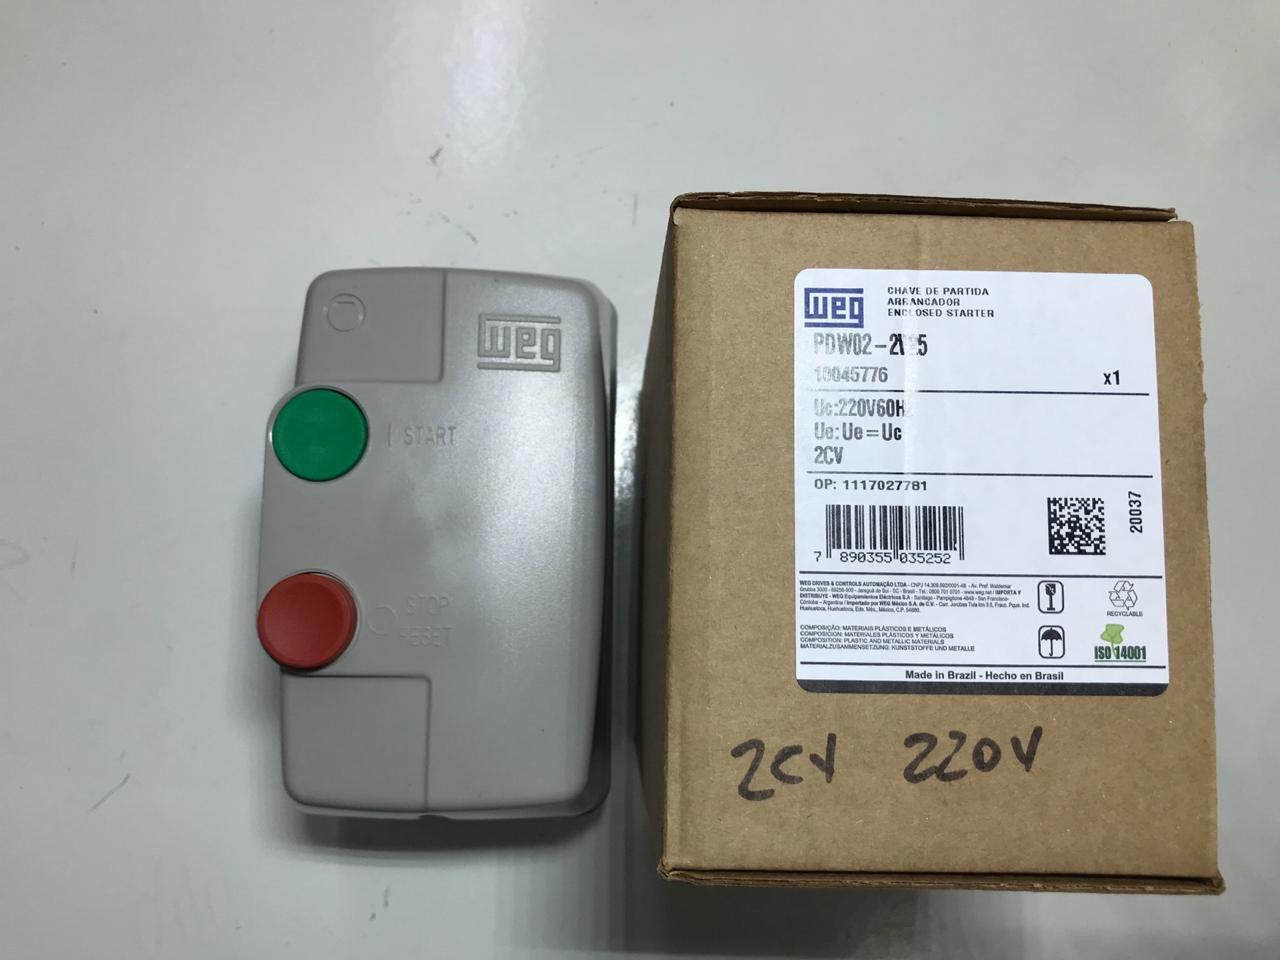 CHAVE PARTIDA DIRETA PDW02 220V WEG 2CV